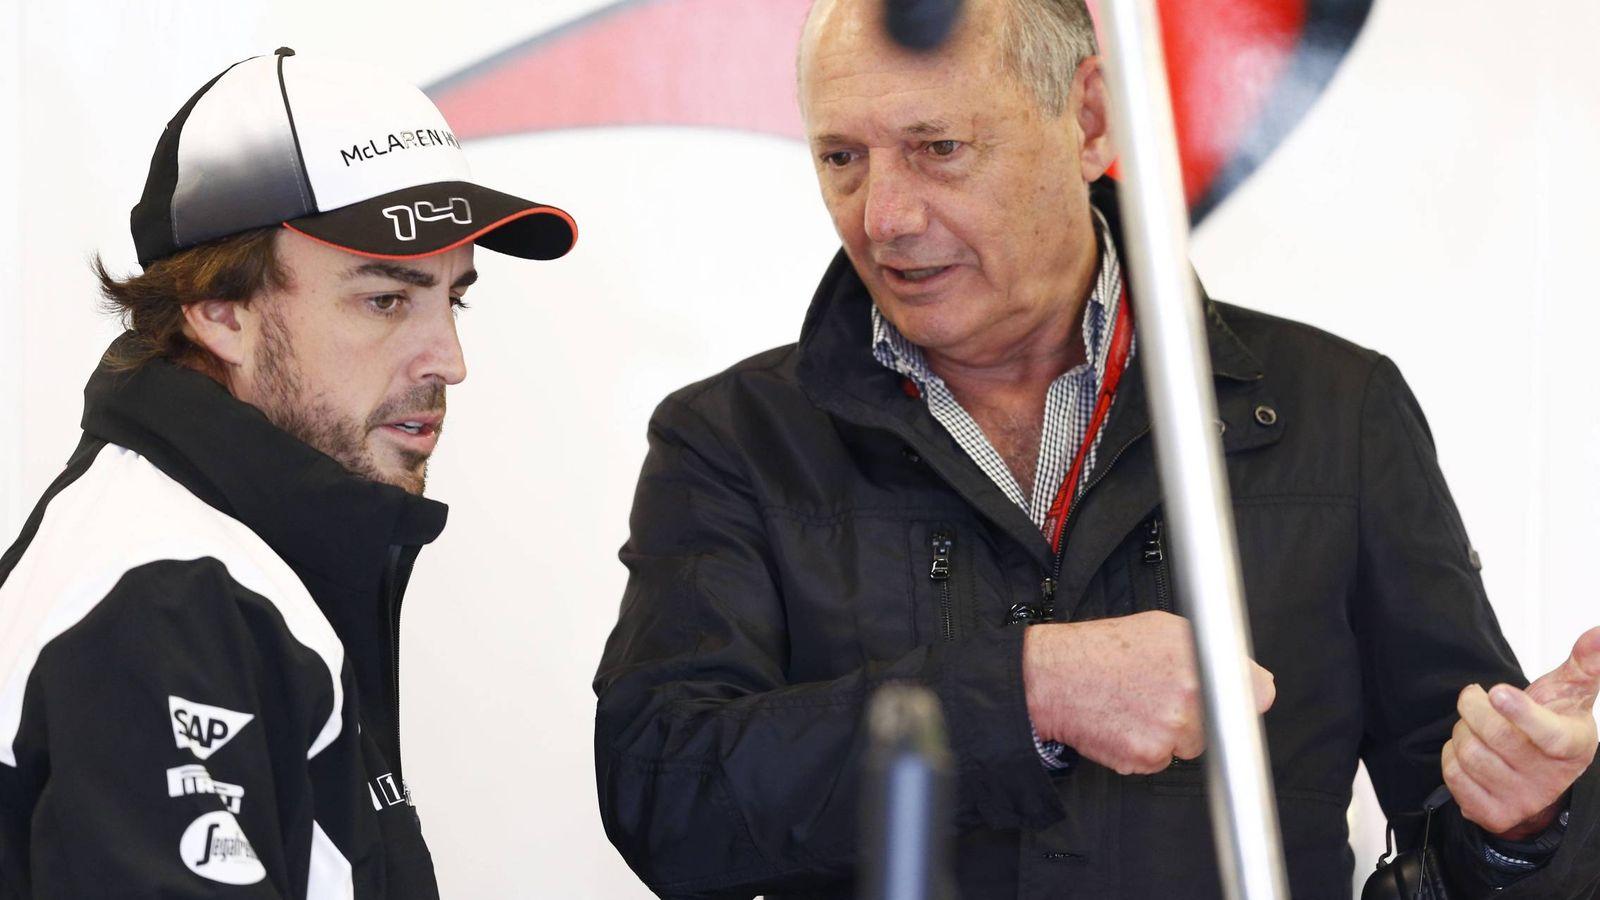 Foto: Ron Dennis y Fernando Alonso conversando (Imago)..